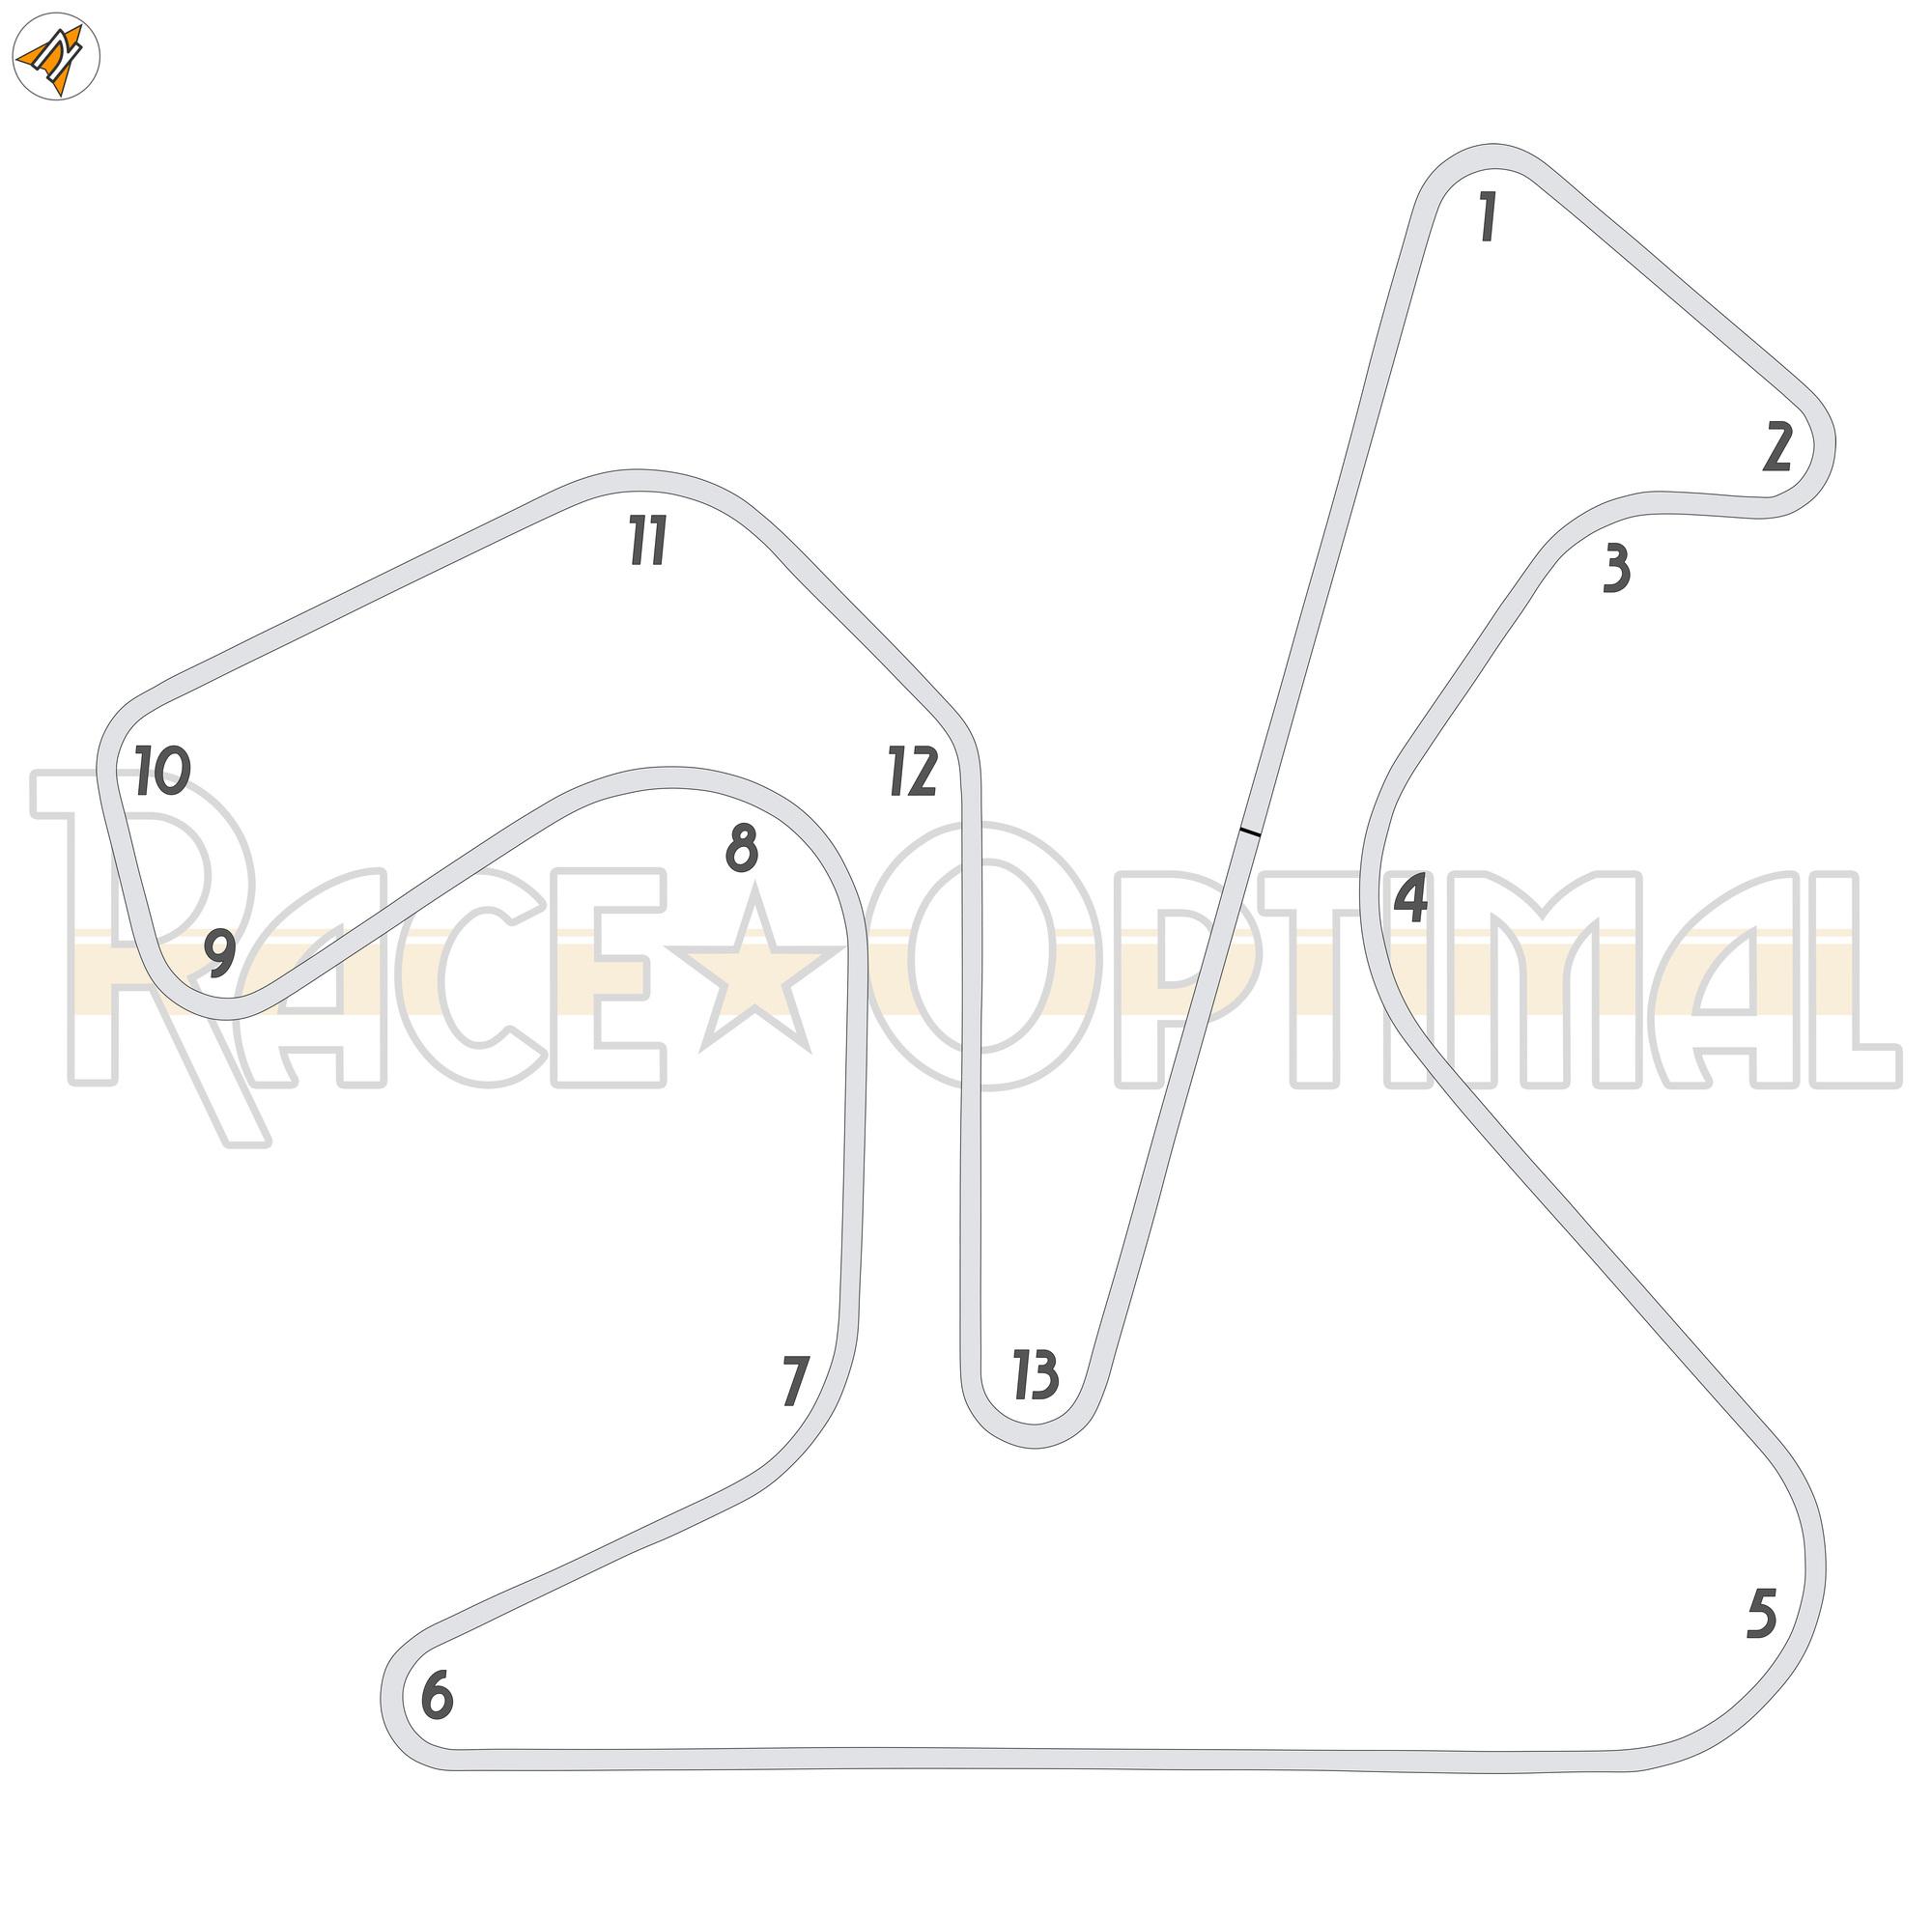 Circuito De Jerez : Circuito de jerez cádiz circuito de jerez